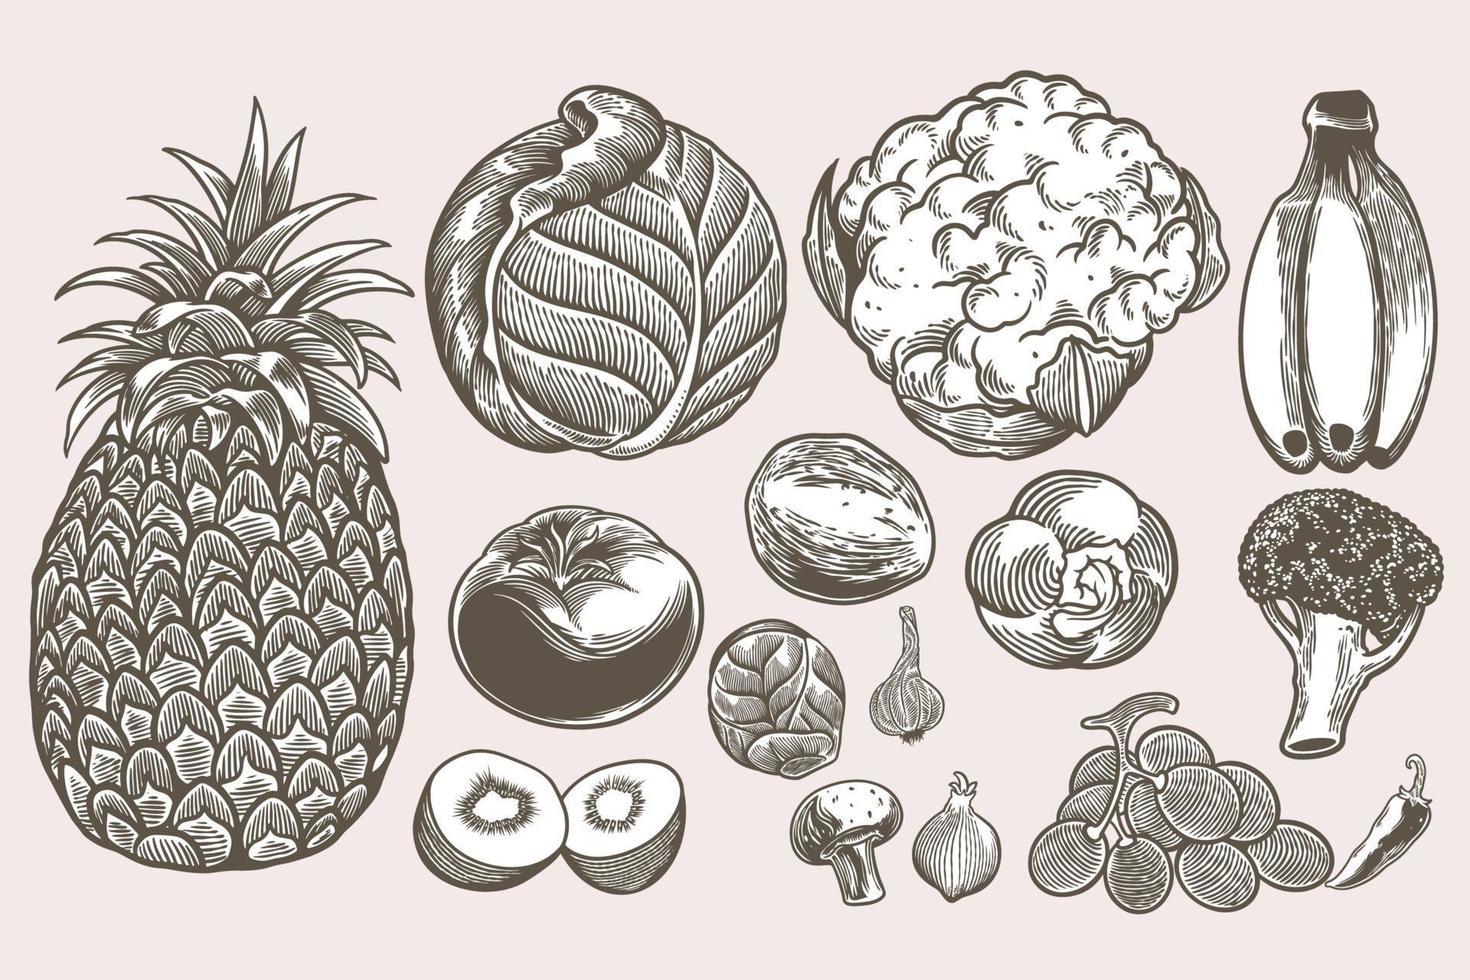 Insieme di doodle vegano raccolta di schizzi disegnati a mano modelli incisione vintage doodle. elementi isolati dettagliati su sfondo bianco, perfetti per menu, design del libro. immagini di cibo retrò vintage. vettore